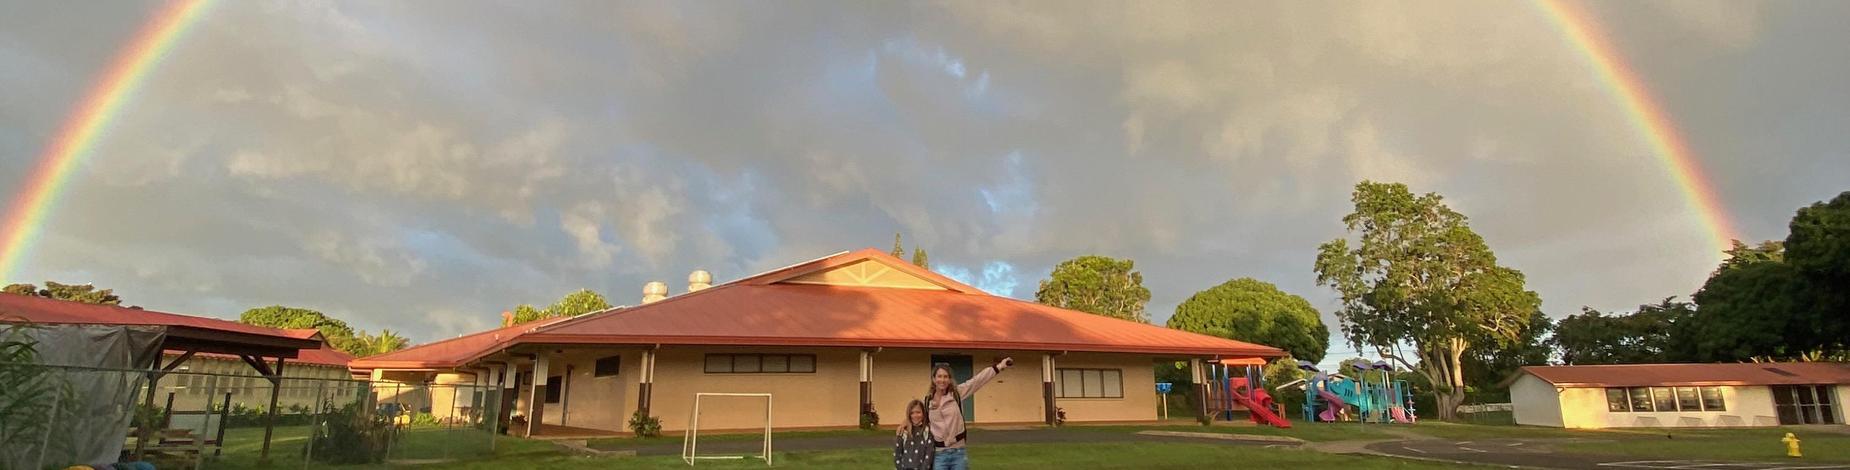 Kilauea School under the Hawaiian Rainbows